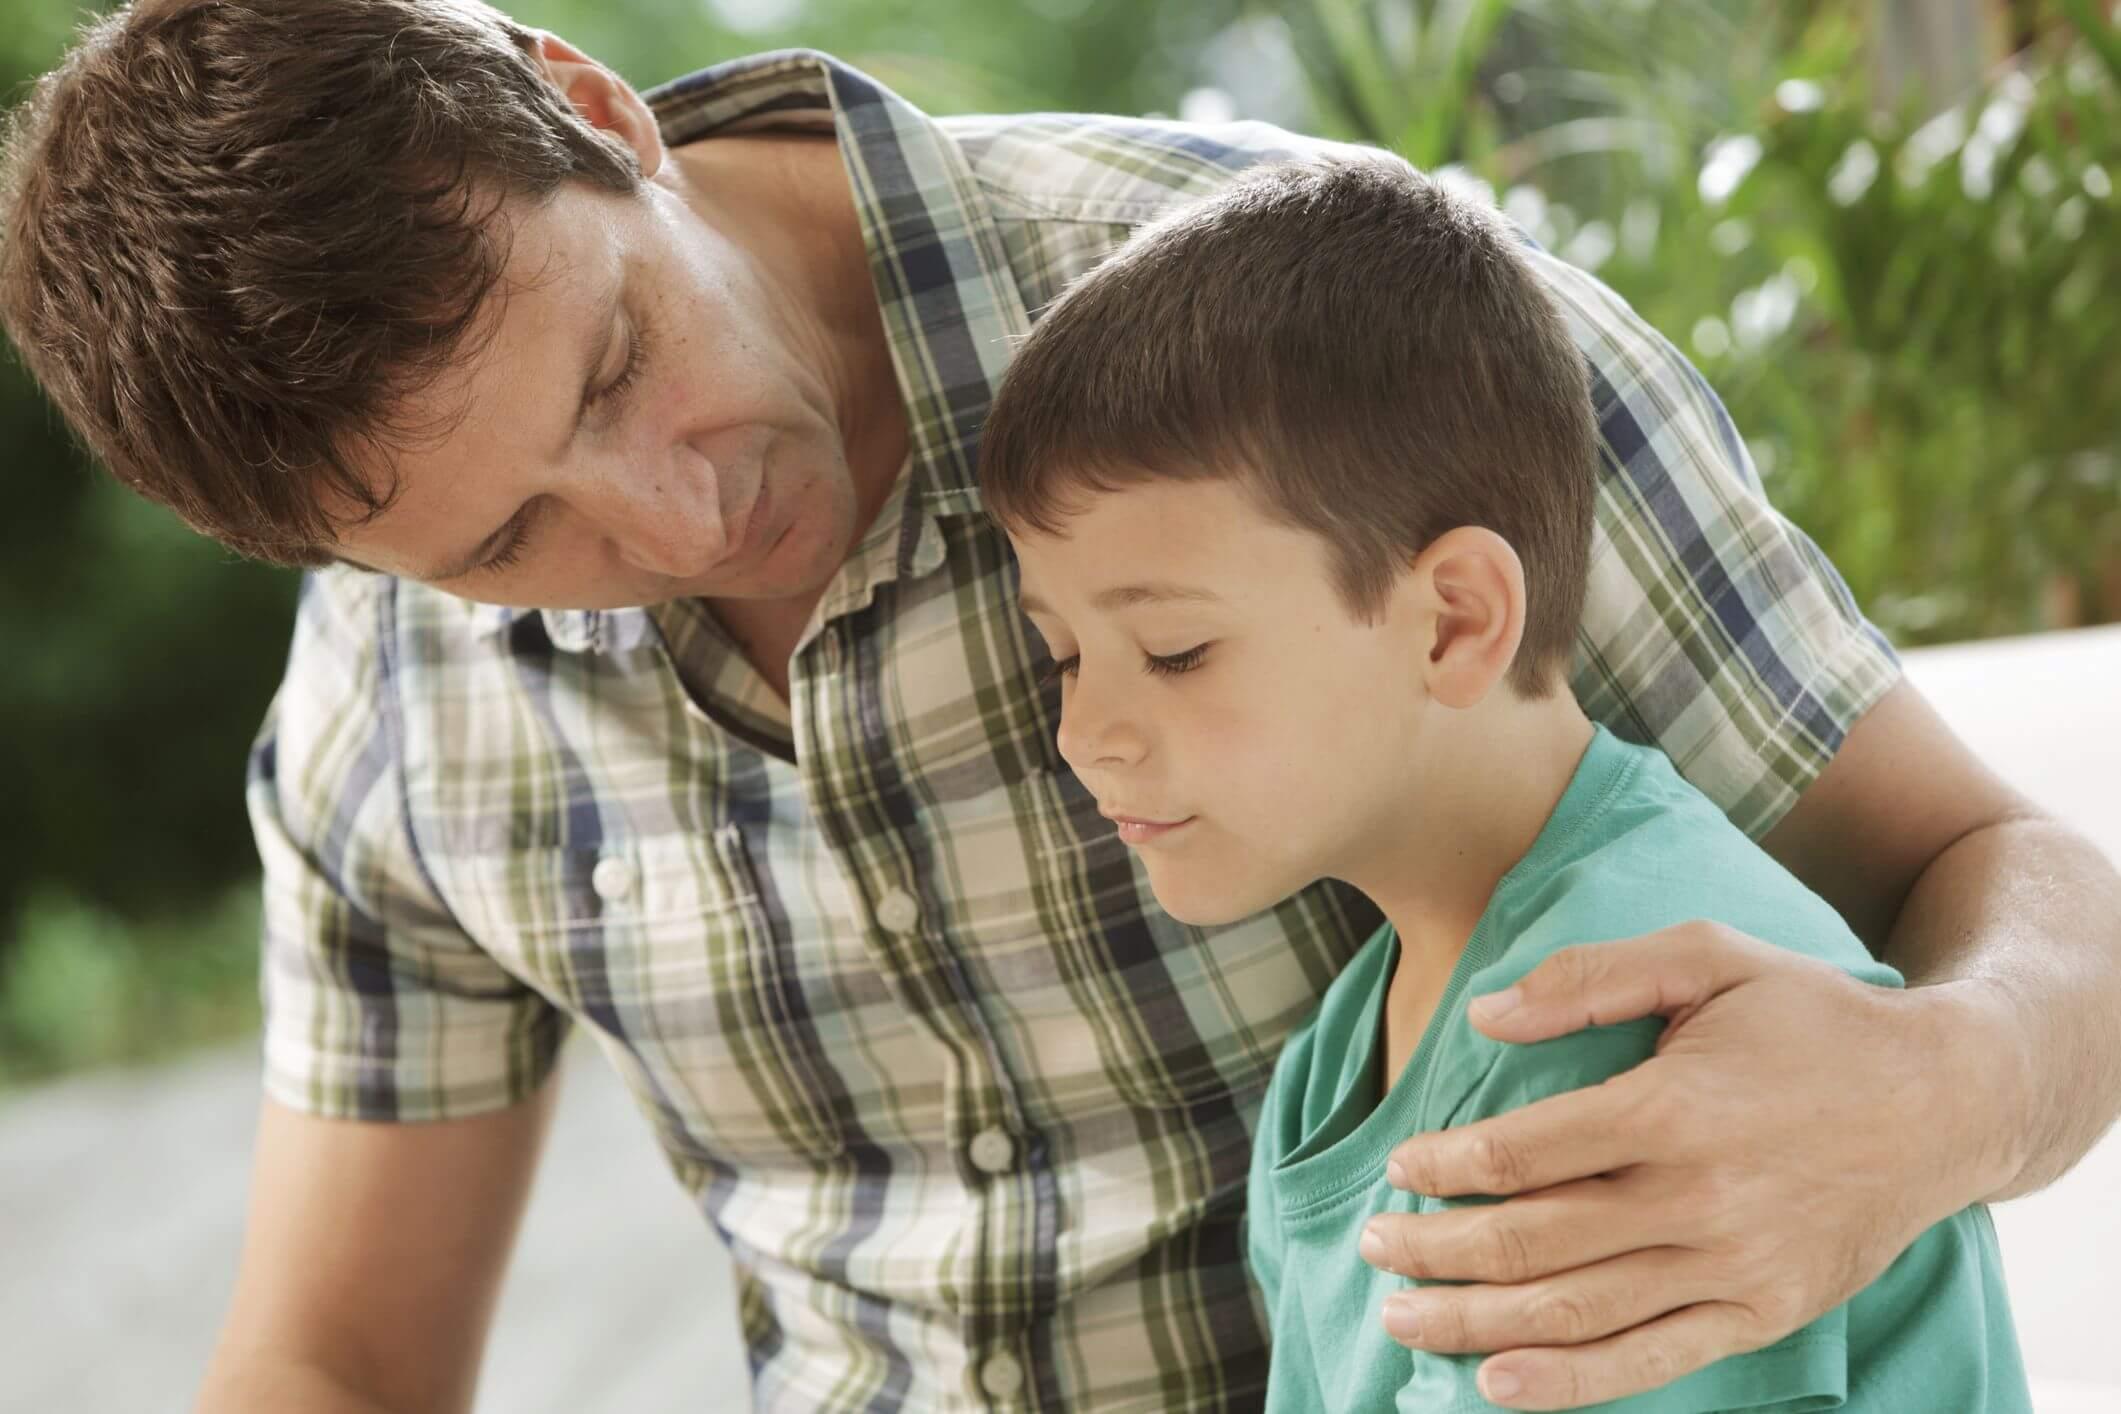 El desarrollo moral de los niños se completa mediante el diálogo con los padres.